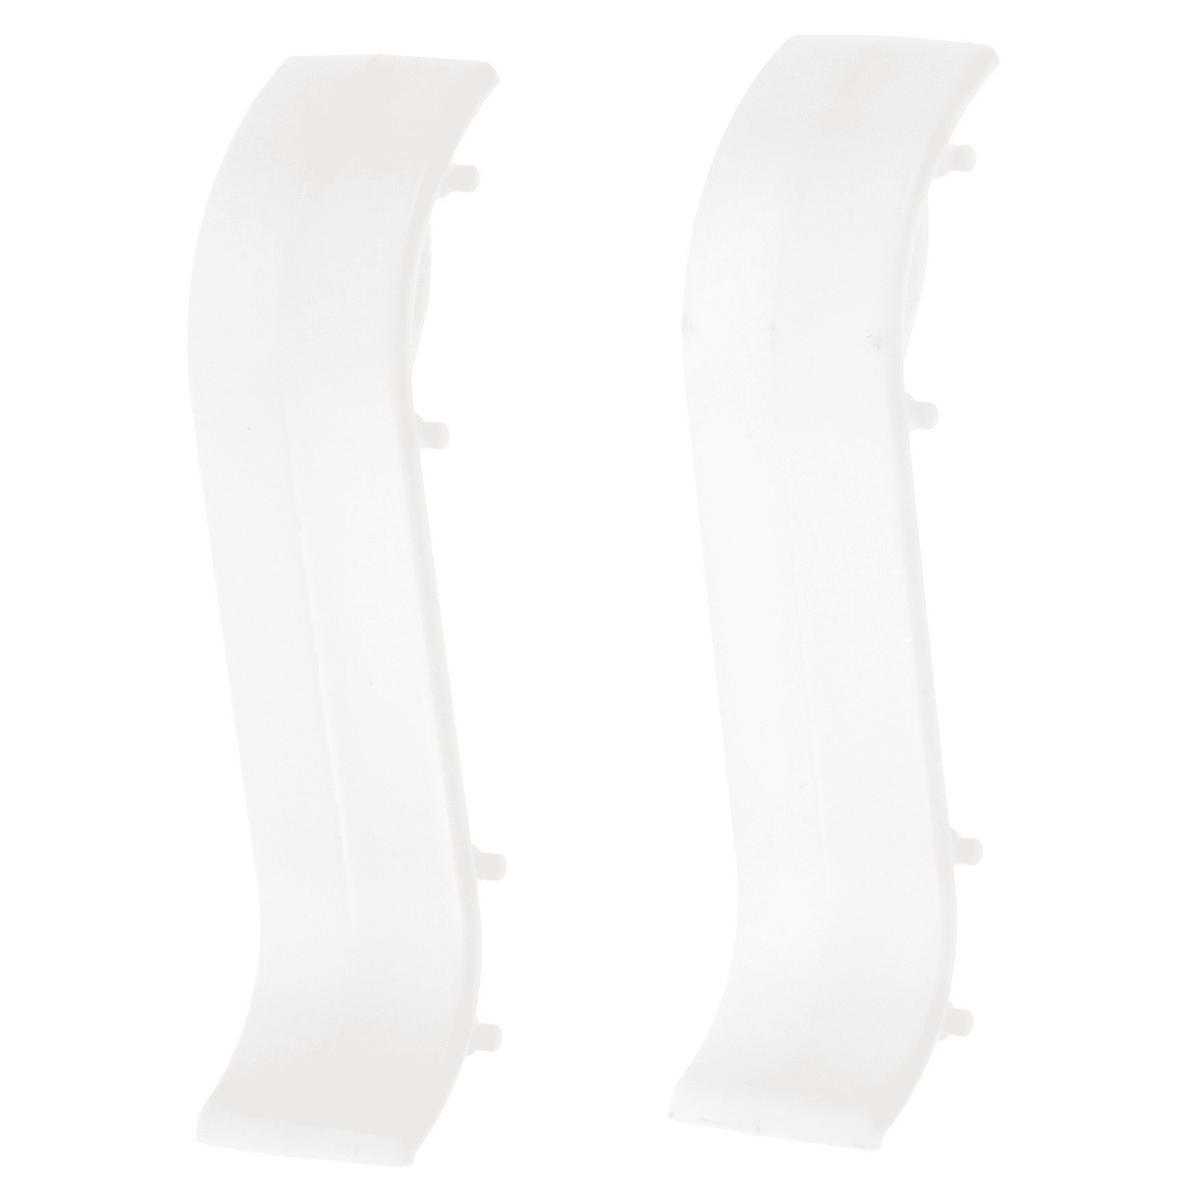 Соединитель для плинтуса, 55 мм, цвет белый, 2 шт.